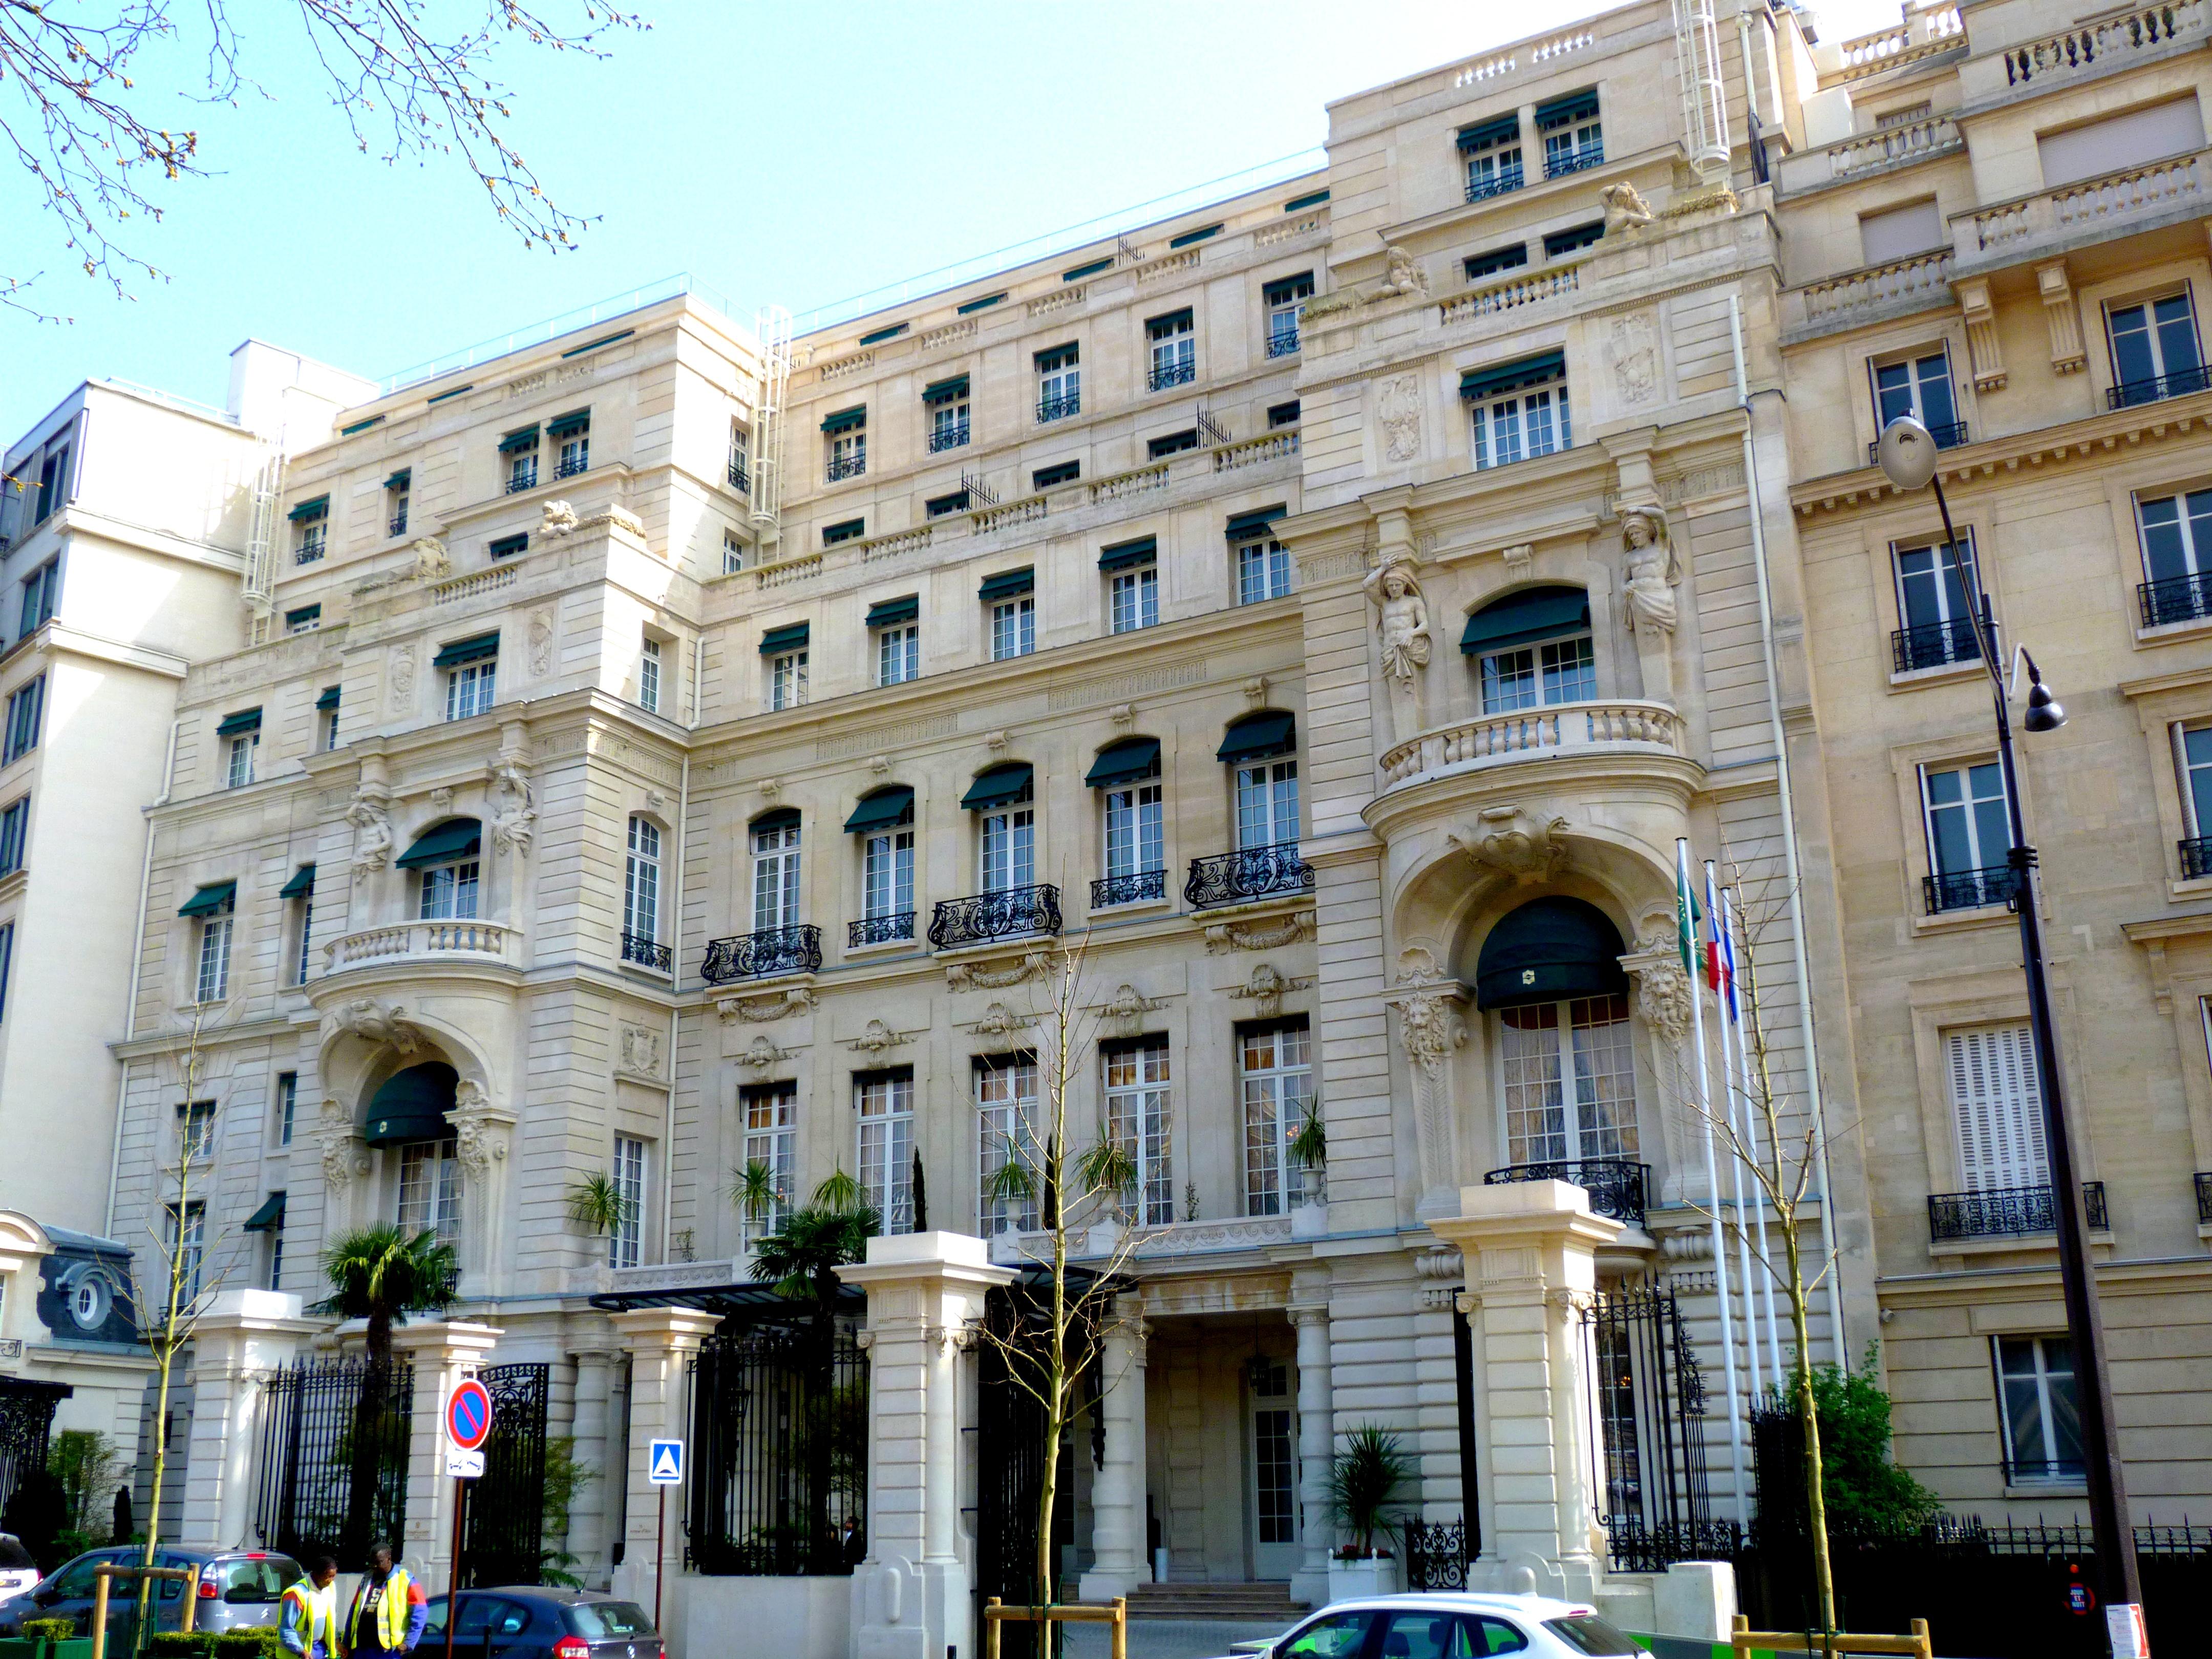 Hotel De Luxe Pays Basque Francais